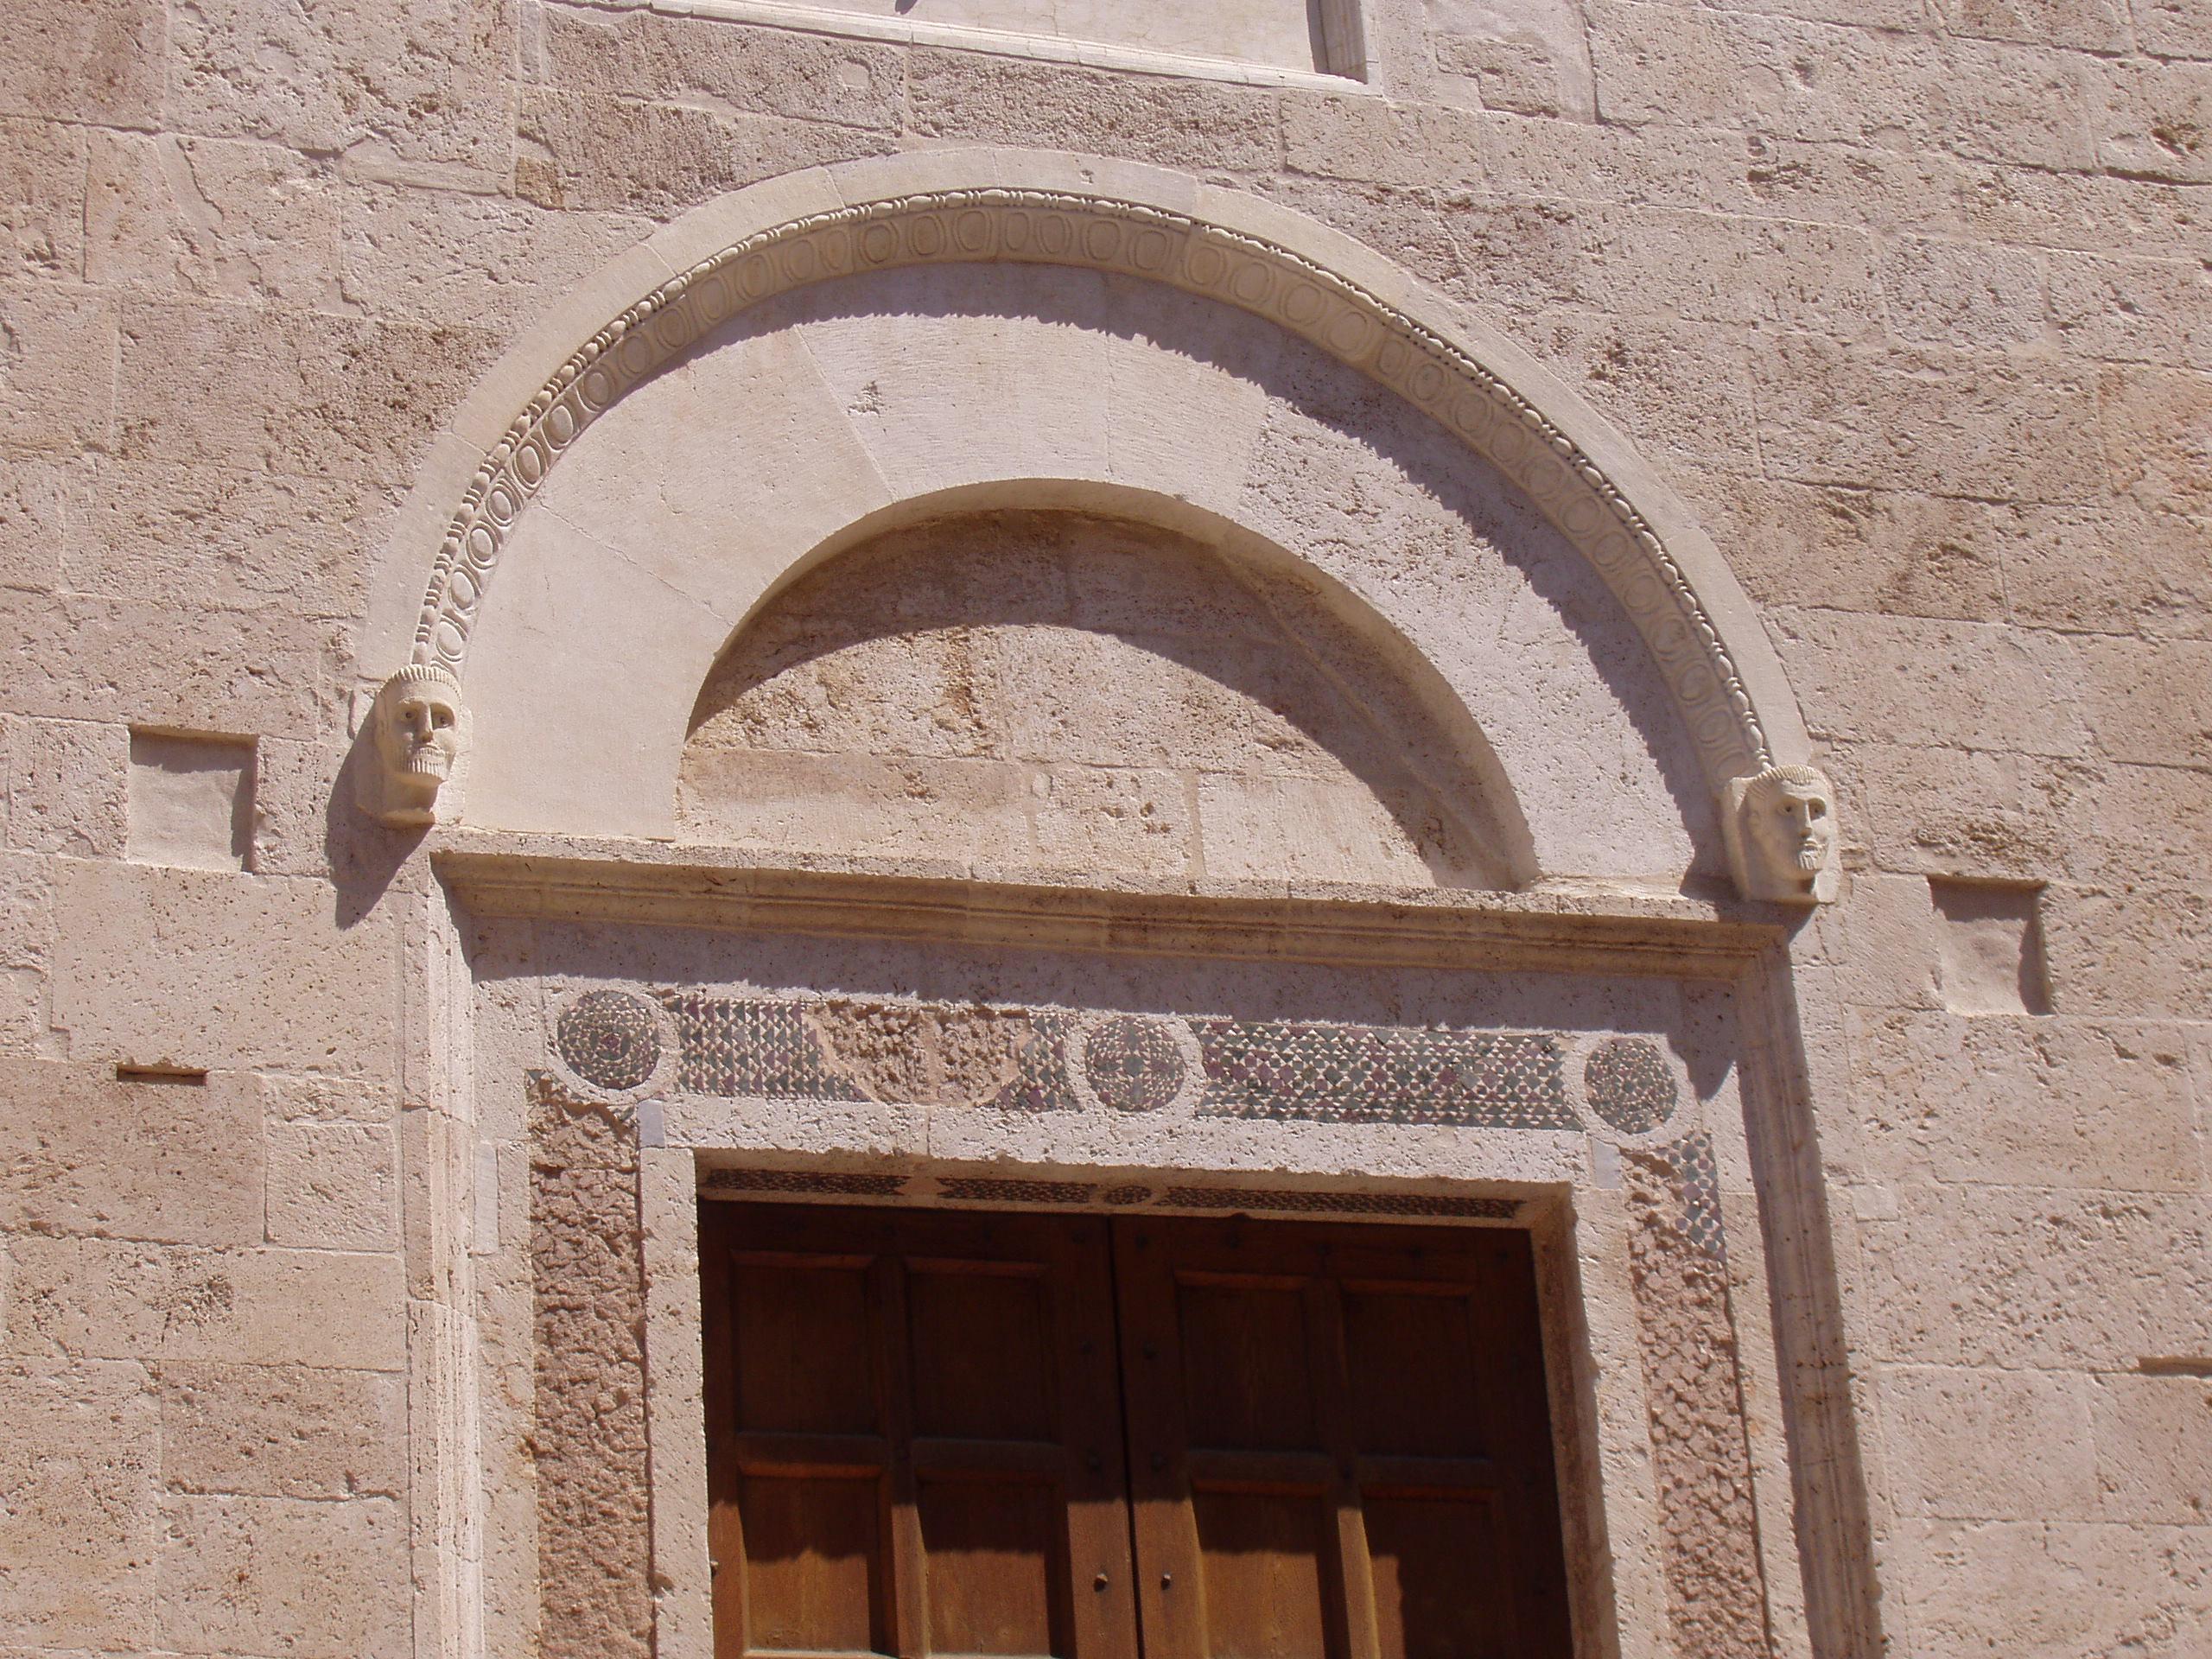 San Giovanni Battista, San Gemini